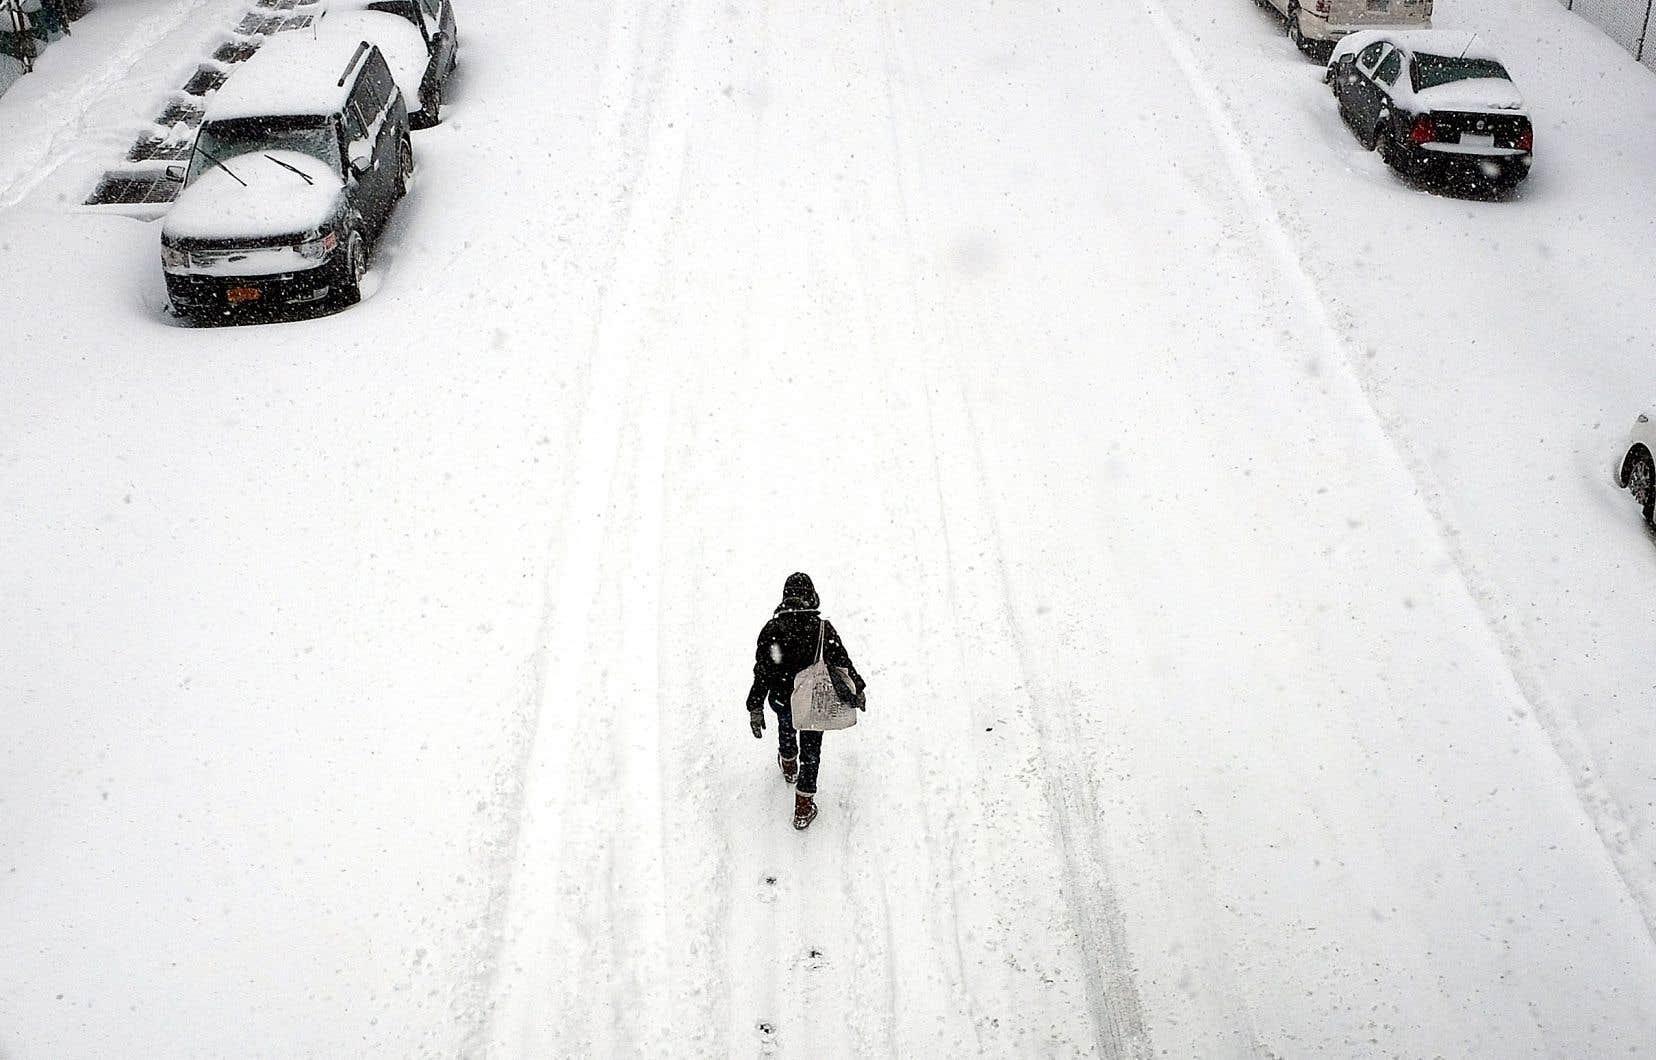 Les romans québécois qu'on a hâte de découvrir cet hiver.